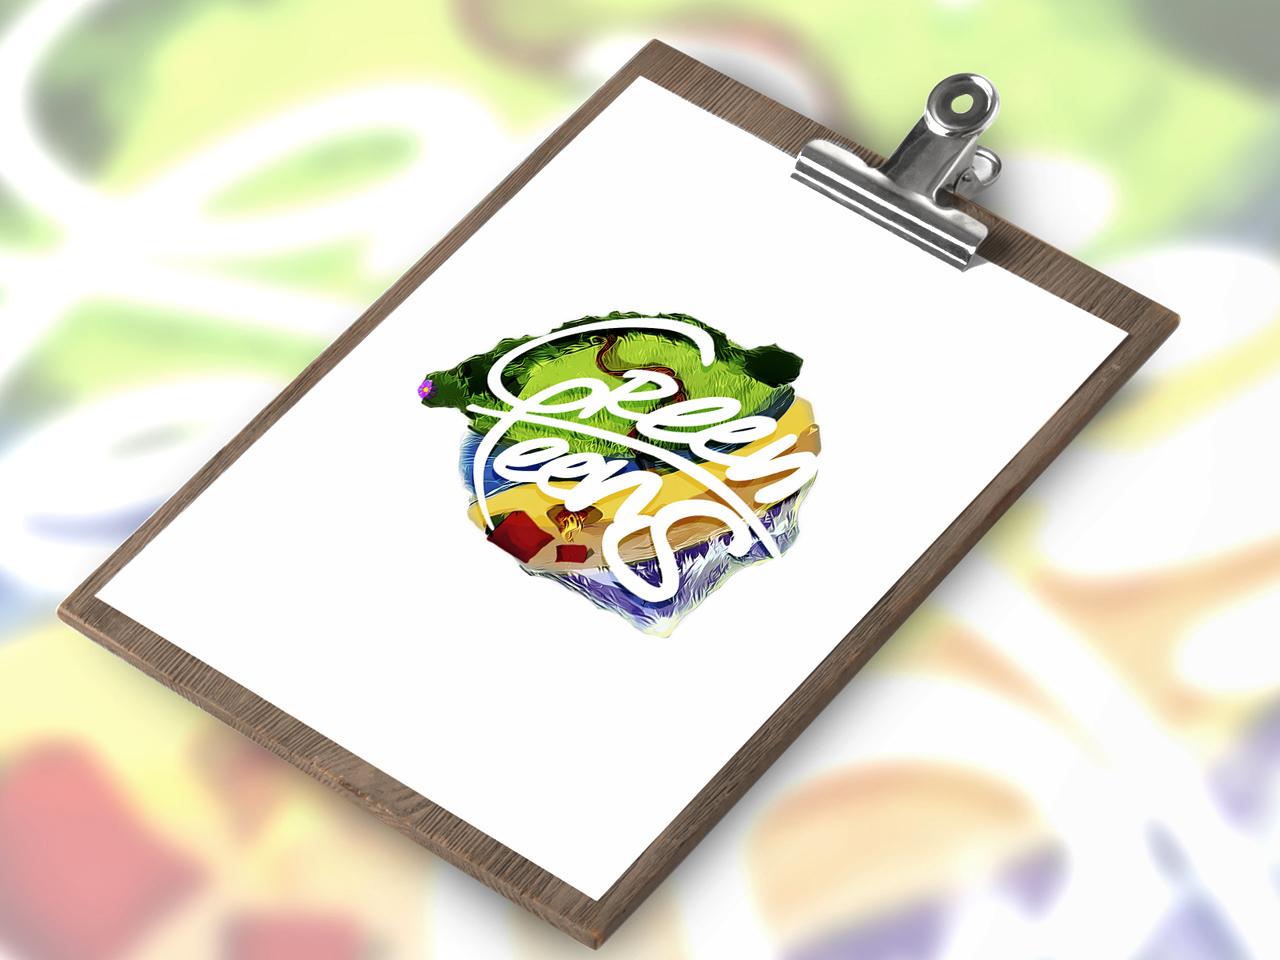 heimanshof greenteens logo